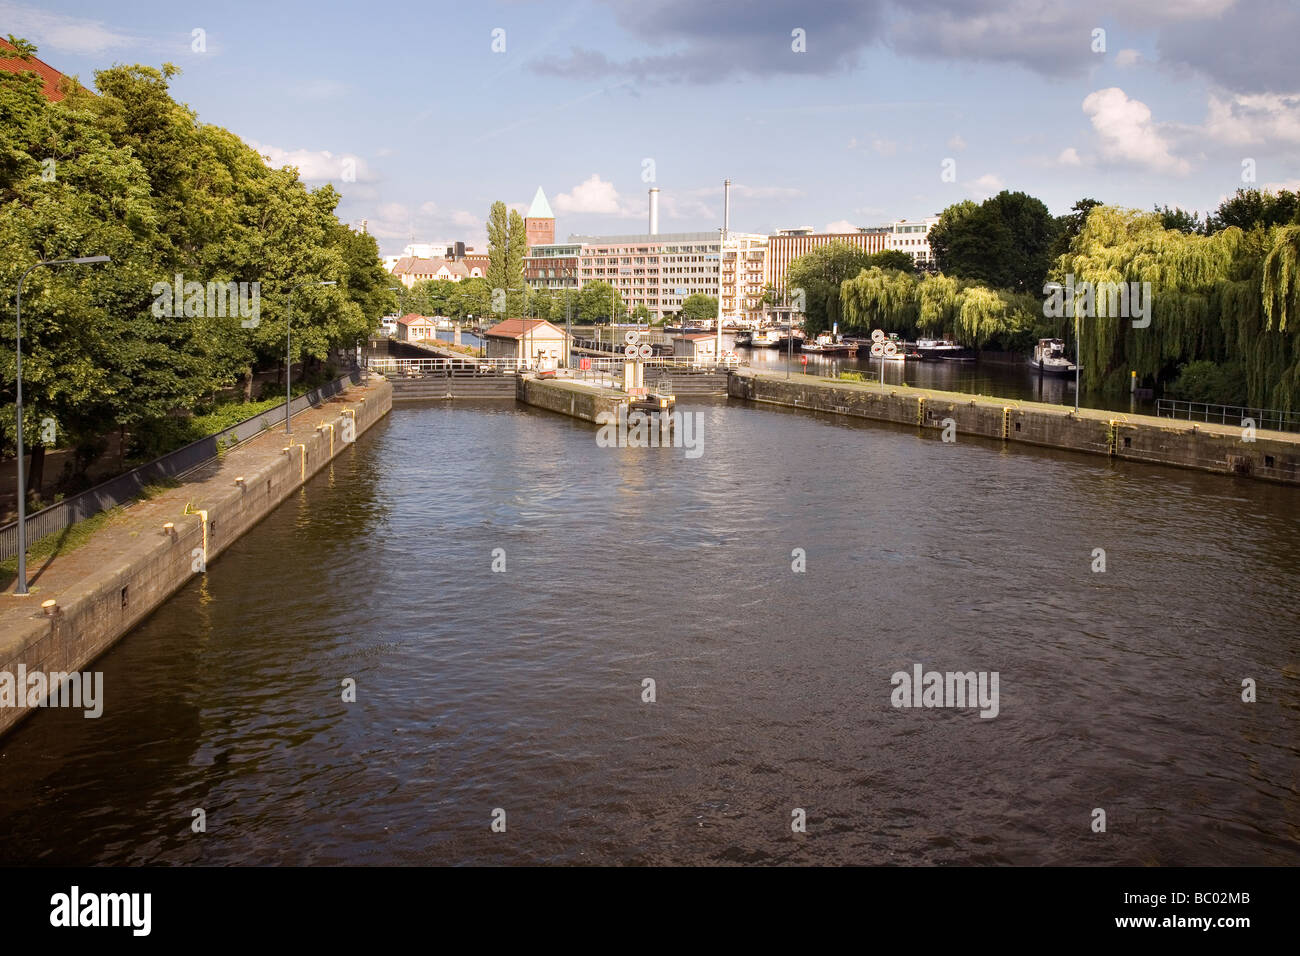 Río Spree con Mühlendamm Schleuse, Berlín, Alemania Foto de stock